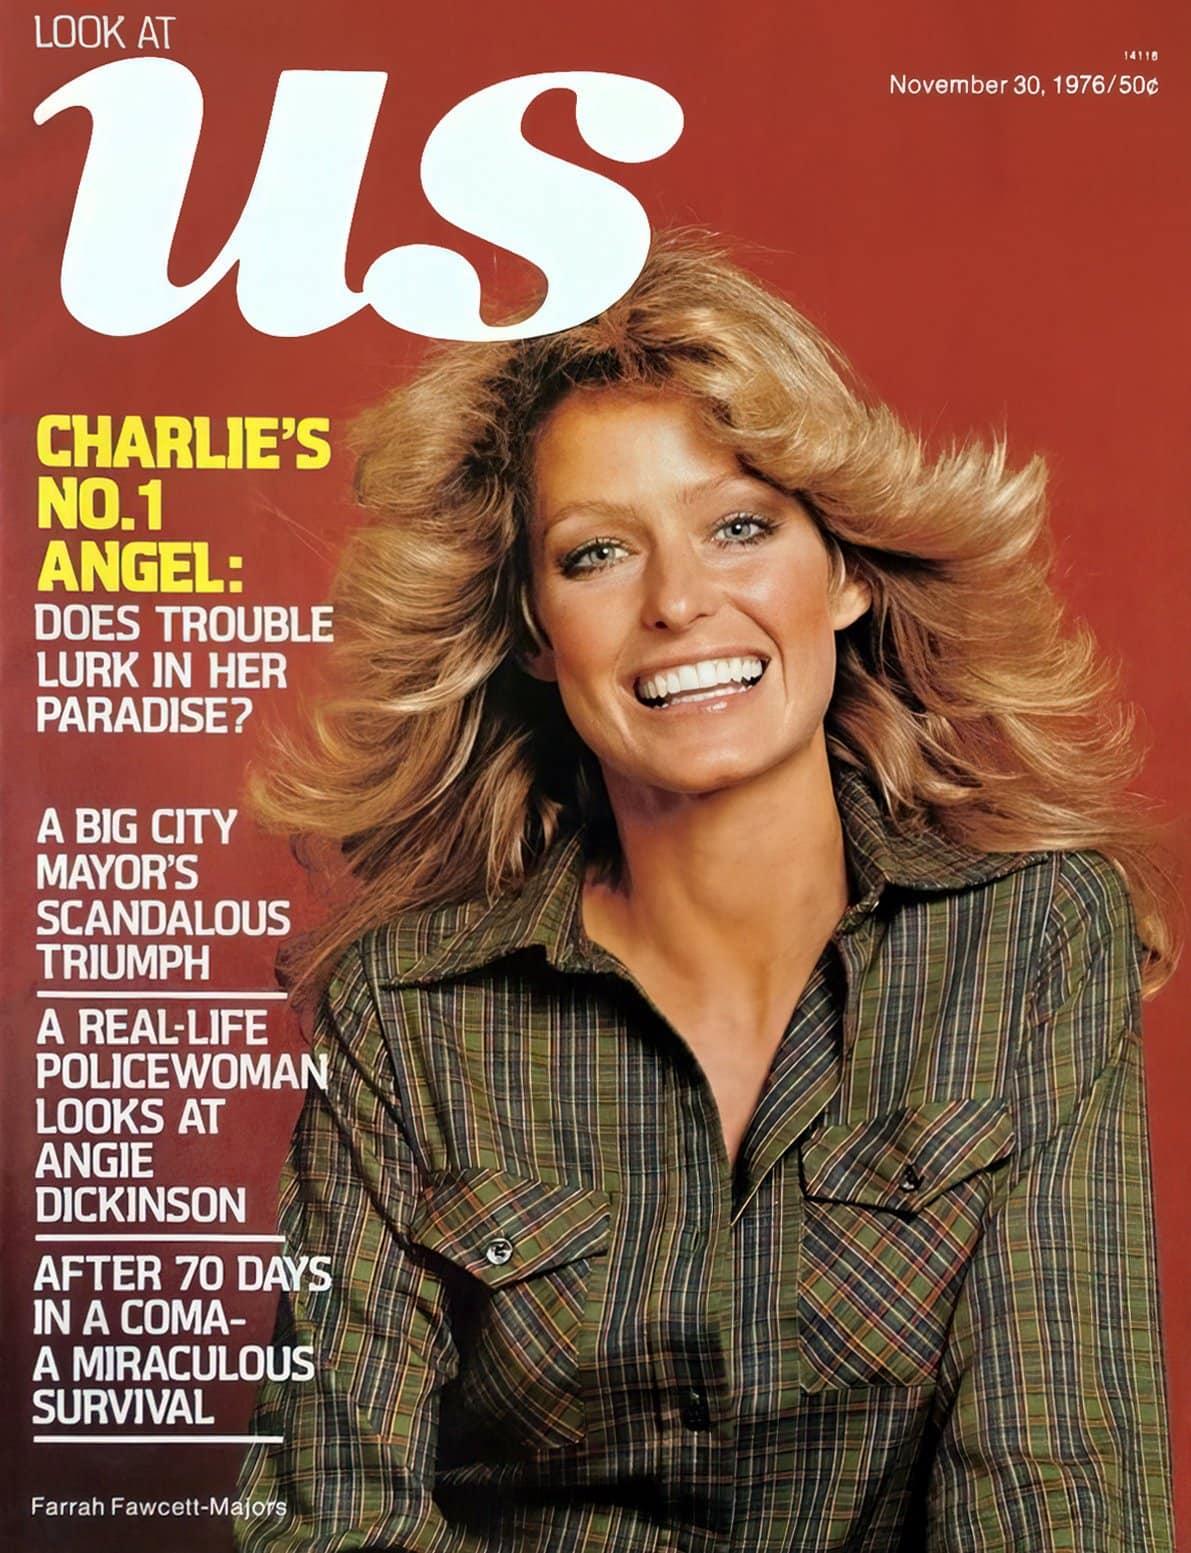 Farrah Fawcett-Majors on cover of Us magazine (1976)